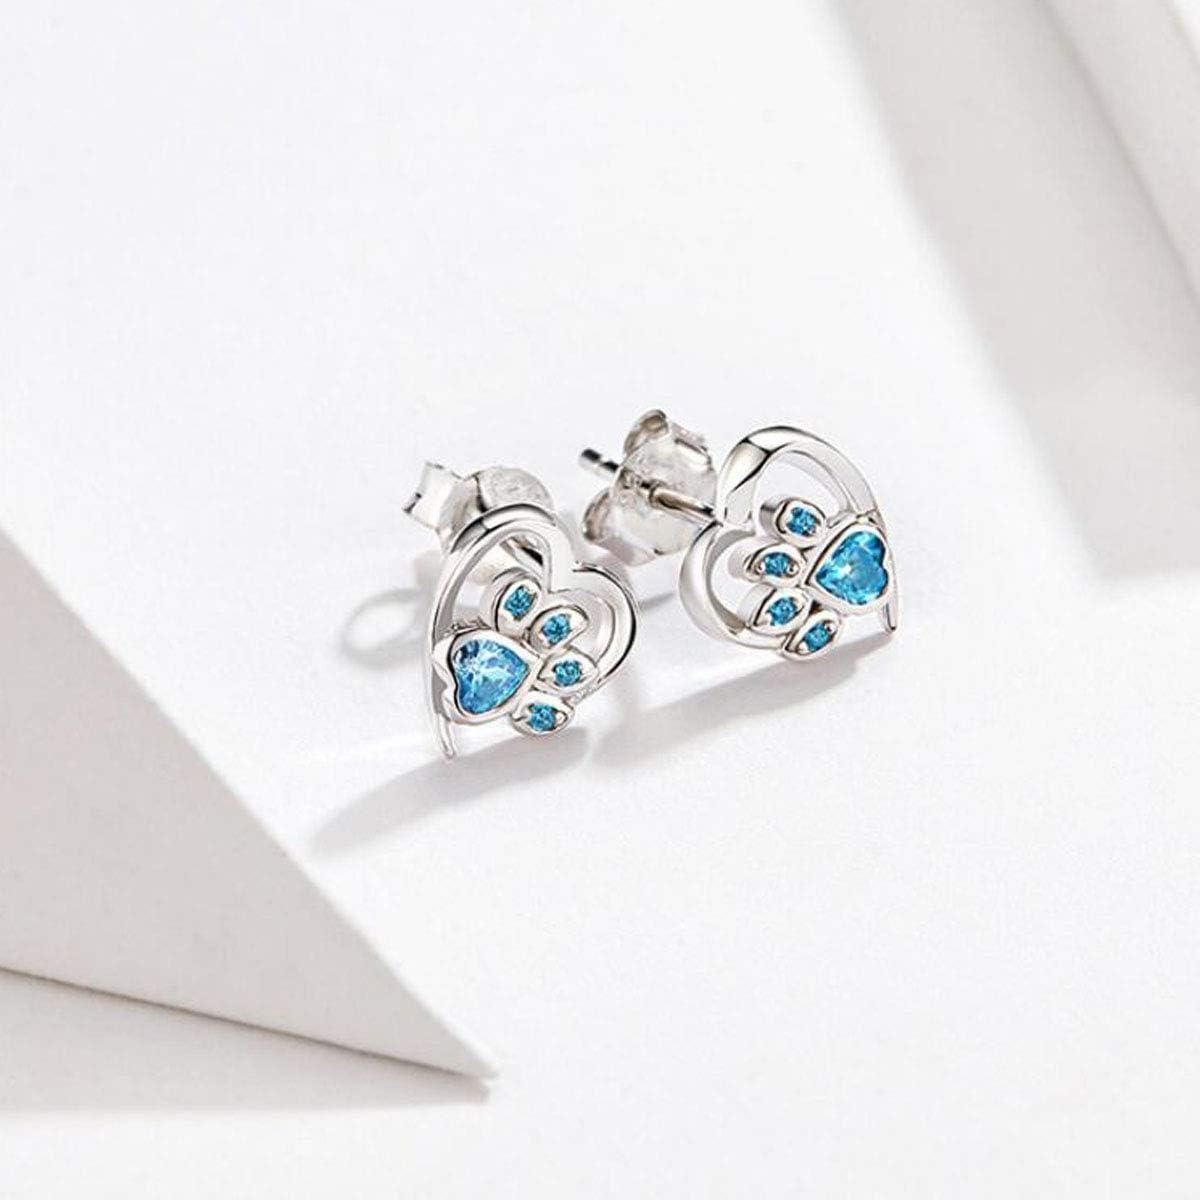 MEETCCY Unicorn Stud Earrings Sterling Silver Cubic Zirconia Stud Earrings Animal Owl Fruit Charm Star CZ Small Silver Stud Earrings for Girls Women Fashion Jewelry Earrings